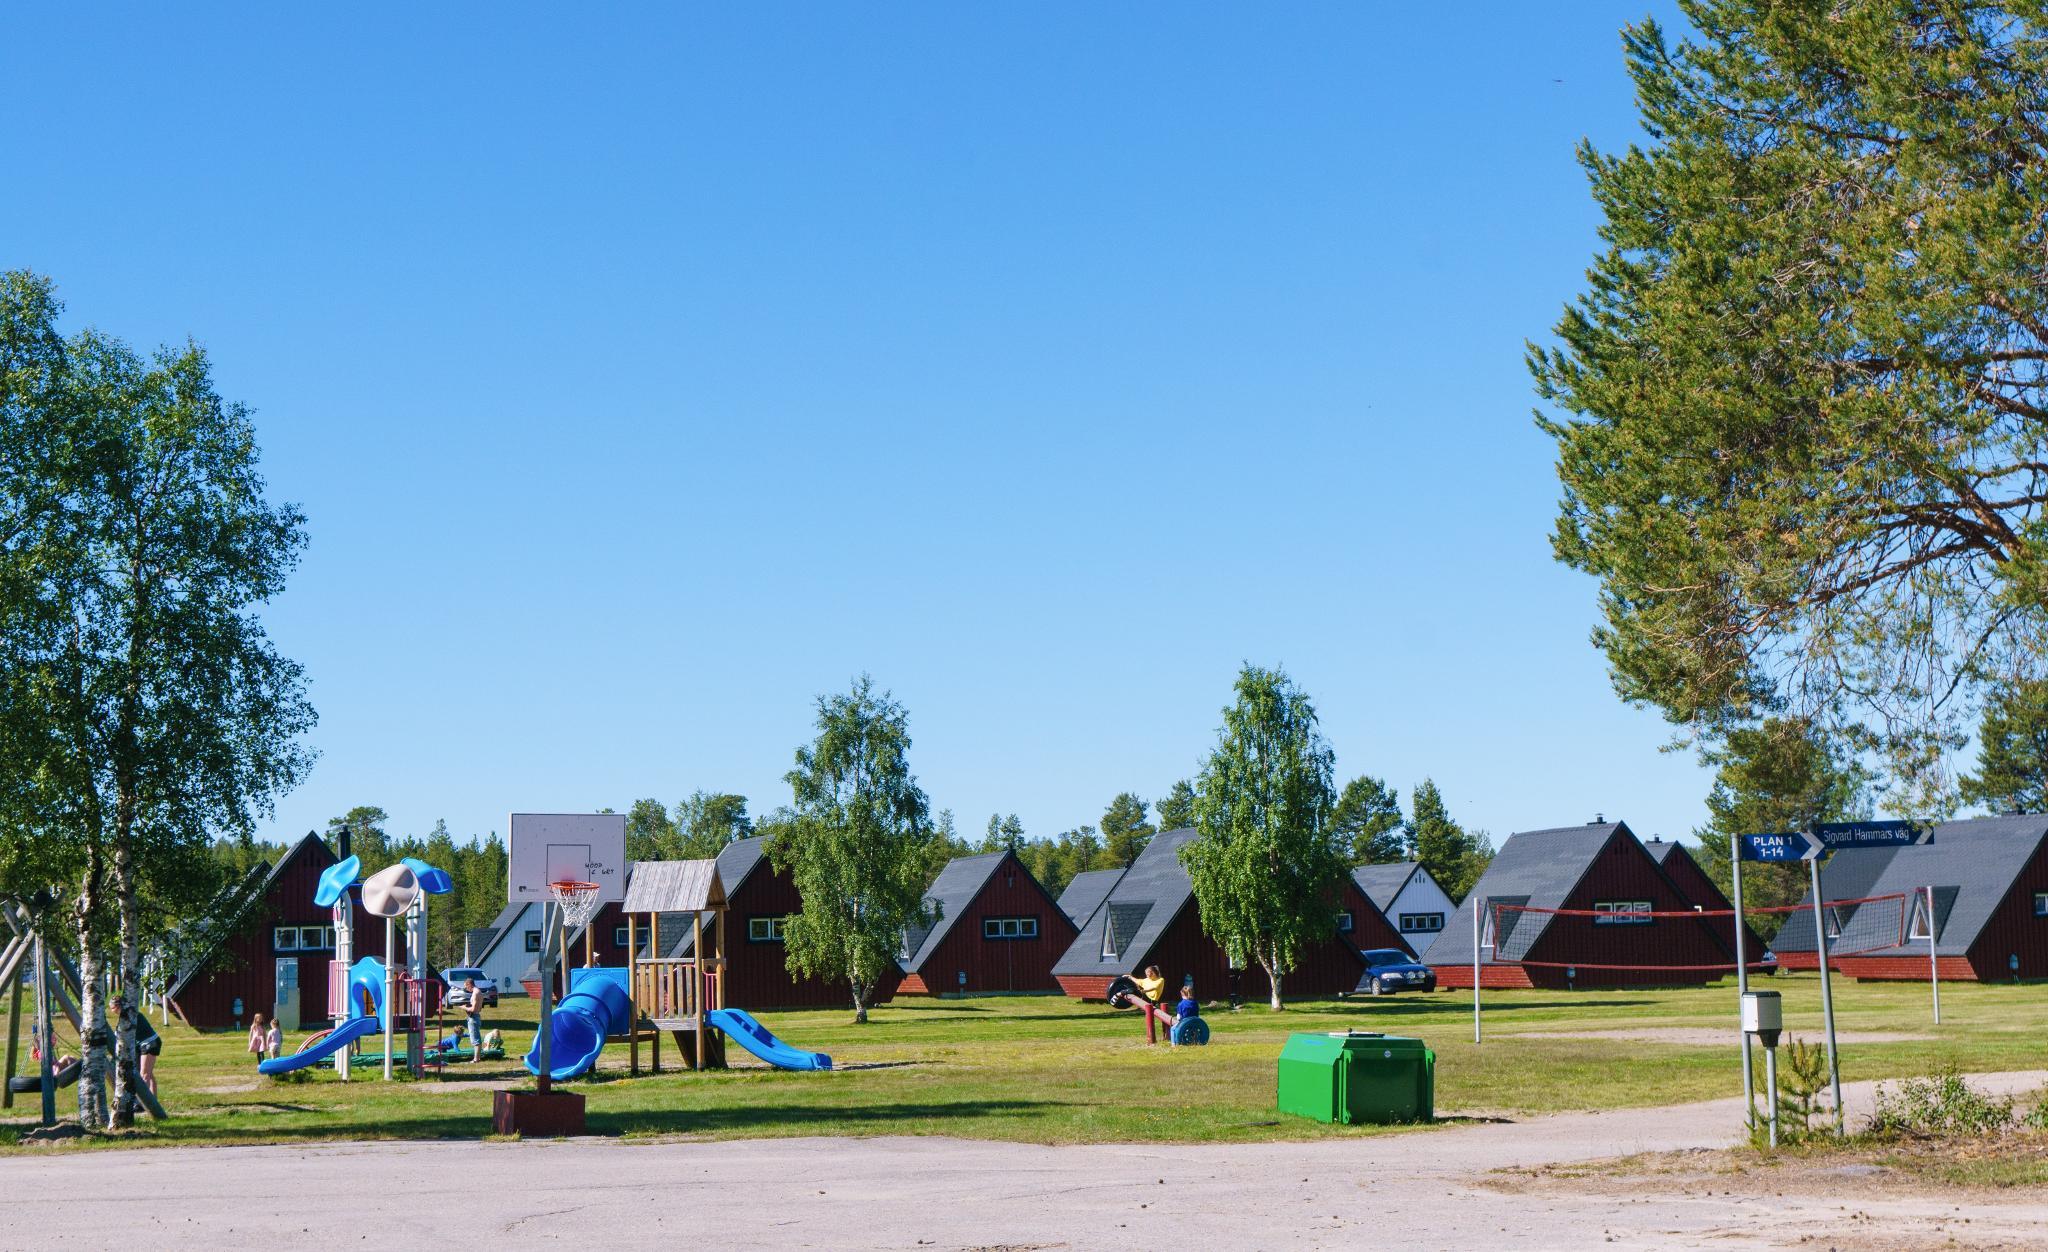 【北歐露營】北極荒野的推薦度假村 — 瑞典阿爾耶普魯格 Kraja 酒店 67